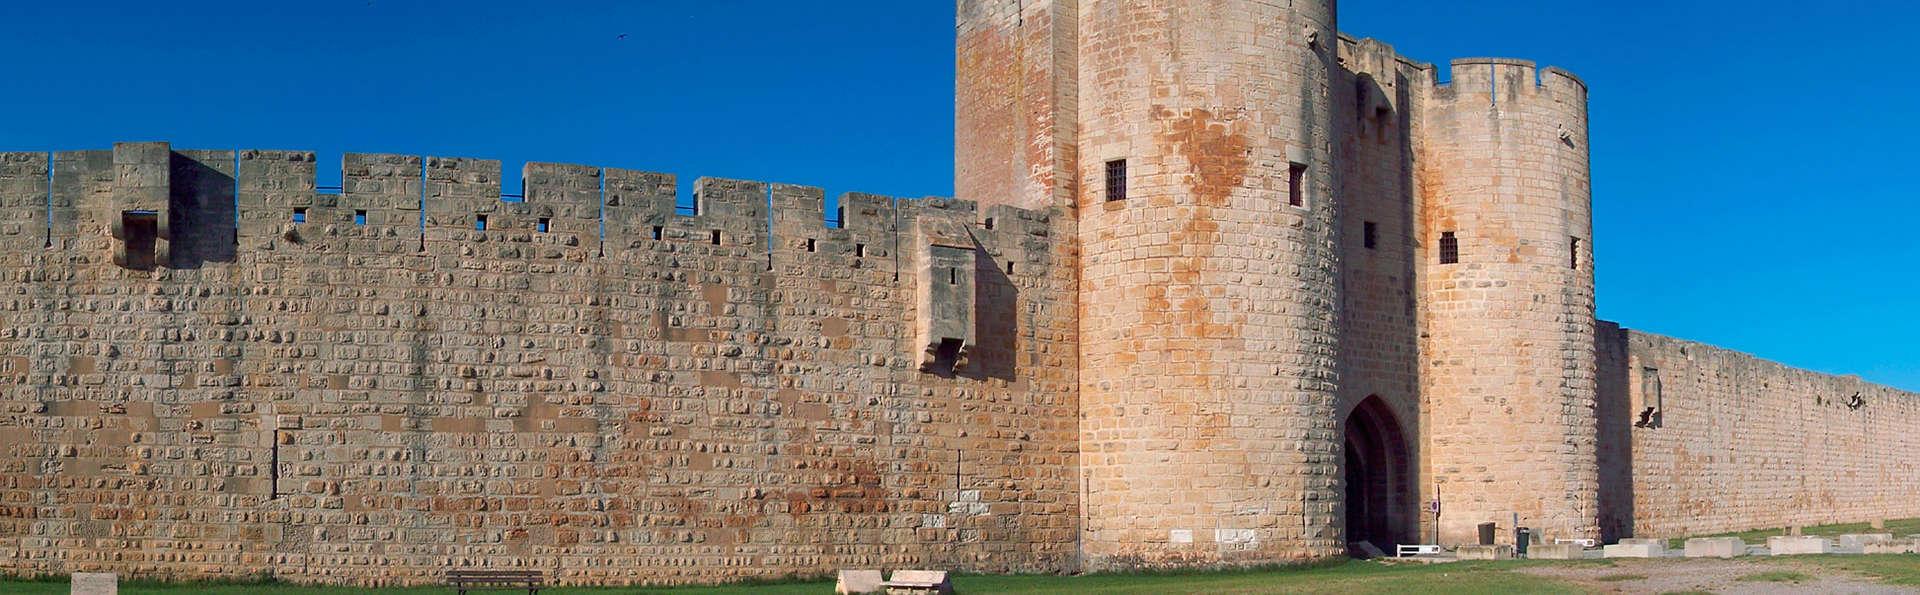 Découverte de la Grande Motte et des remparts d'Aigues-Mortes